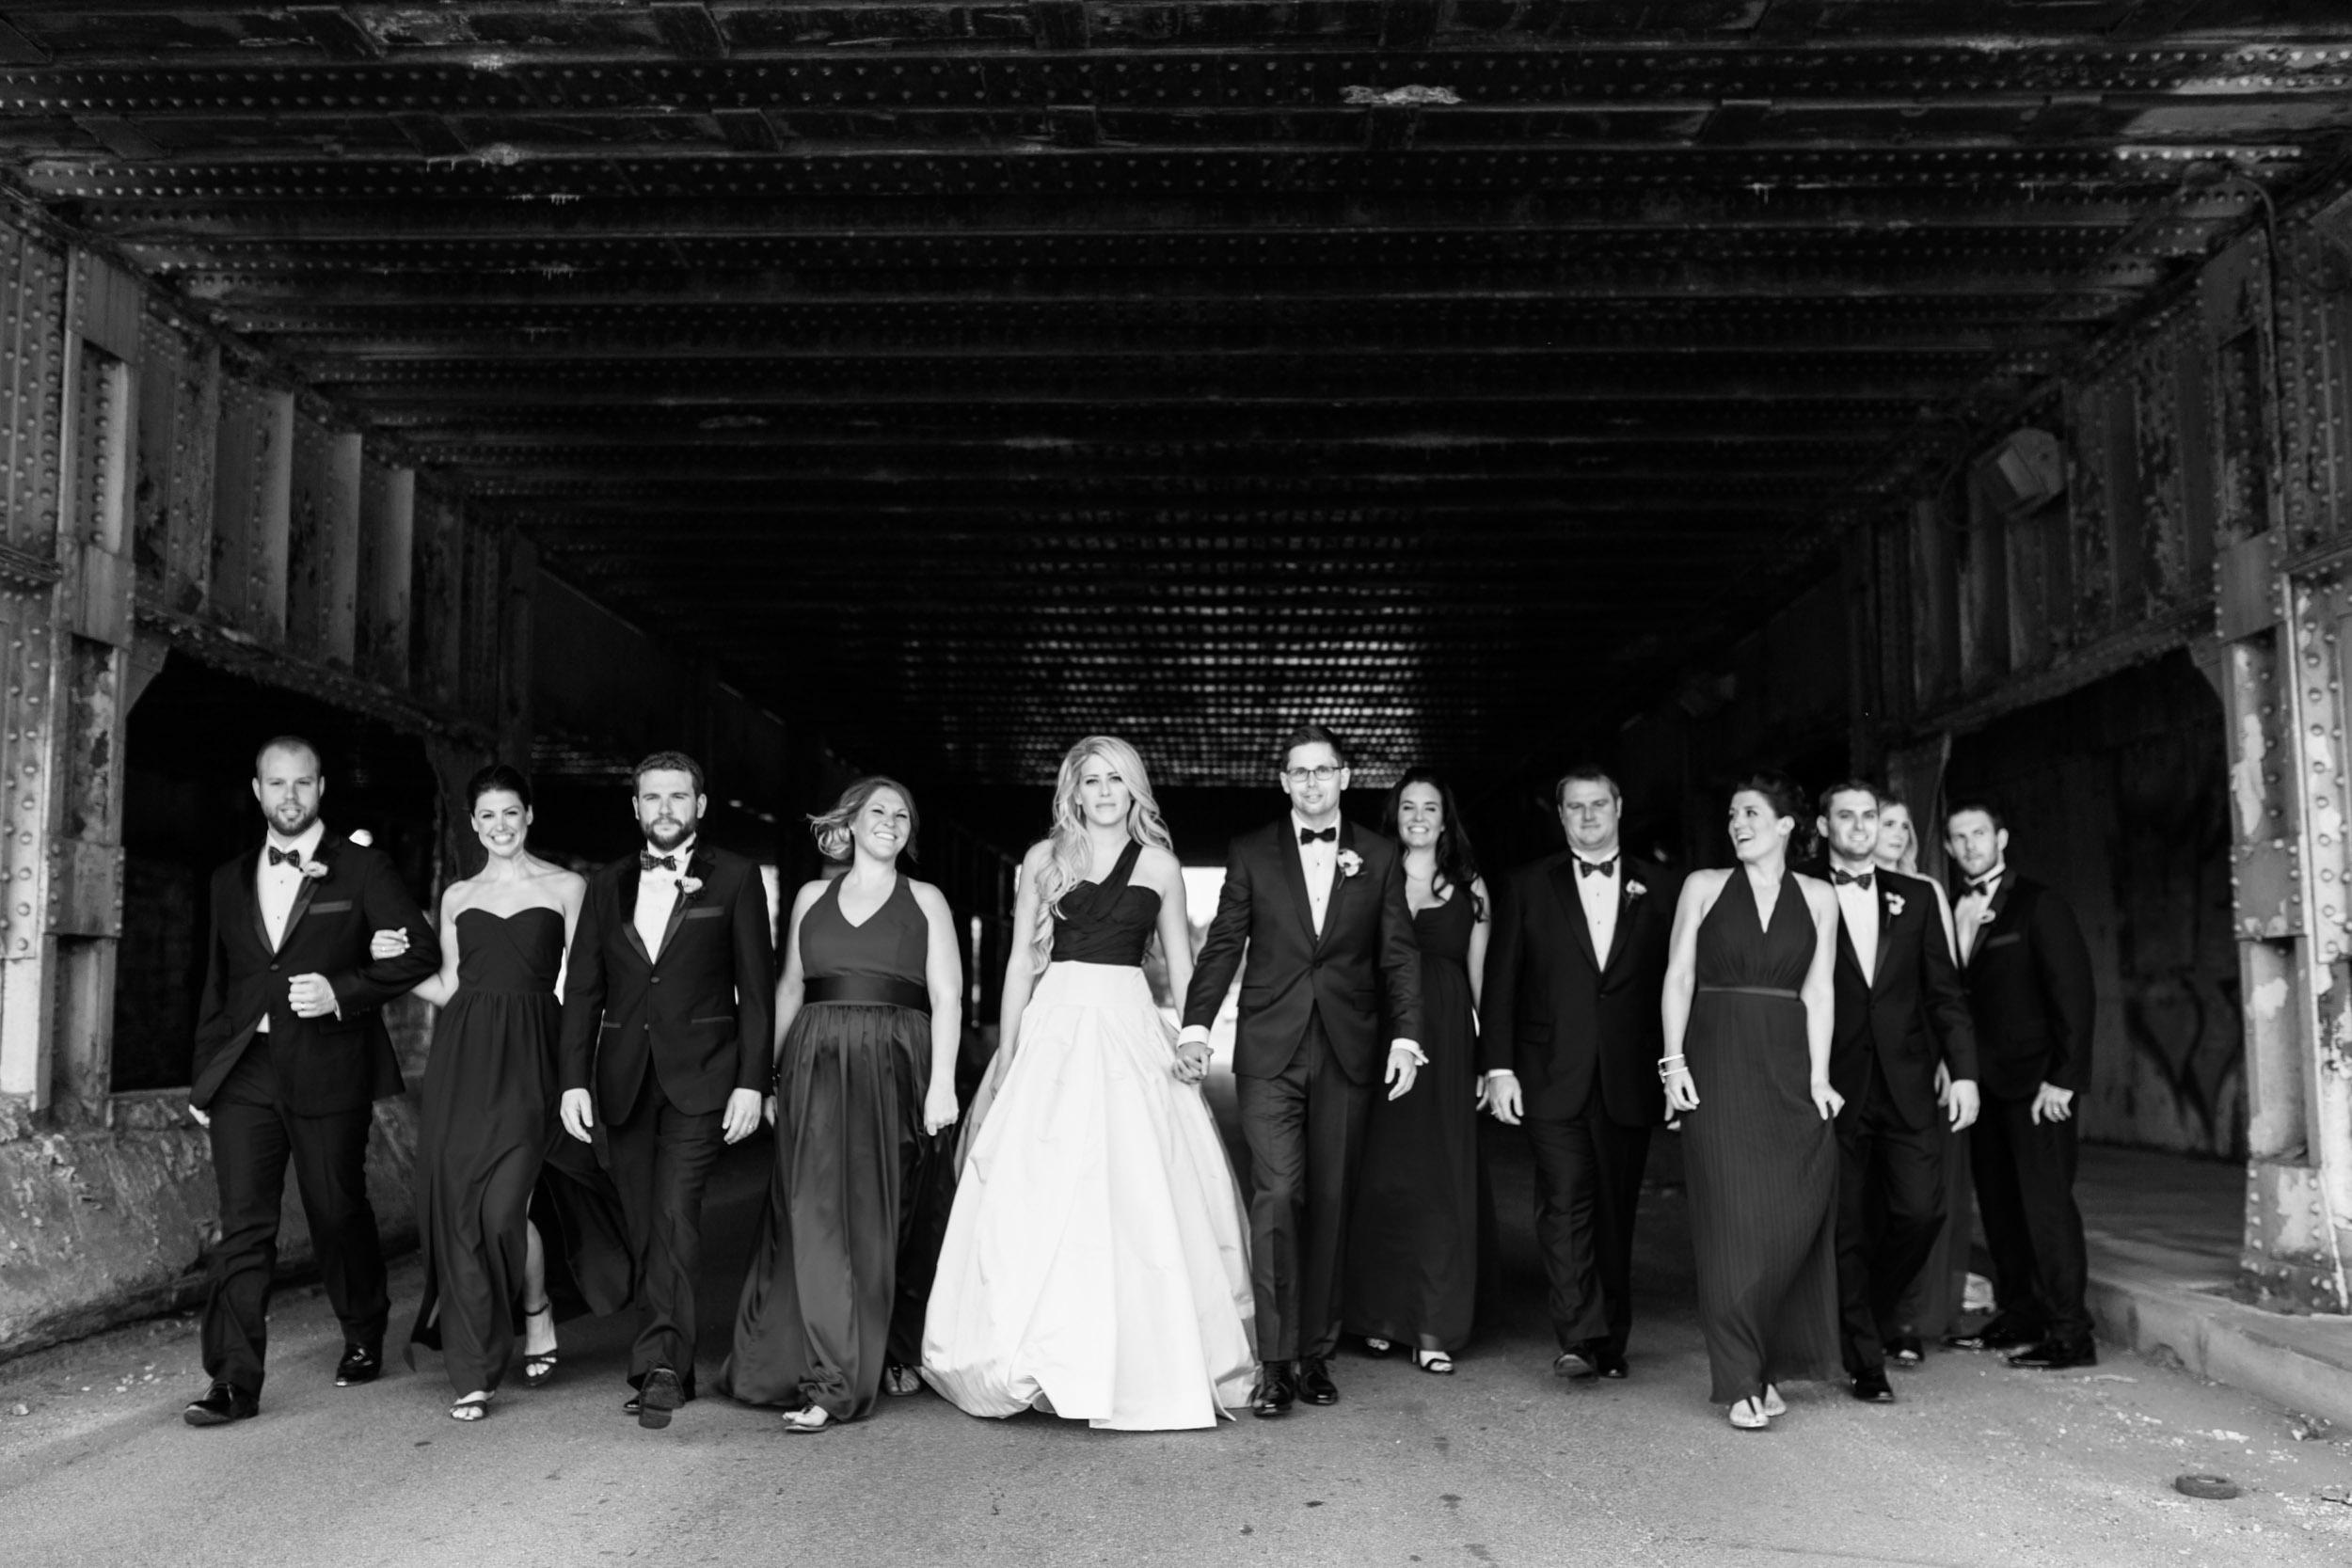 chicago-wedding-photos-studio-this-is-jack-schroeder-17.jpg